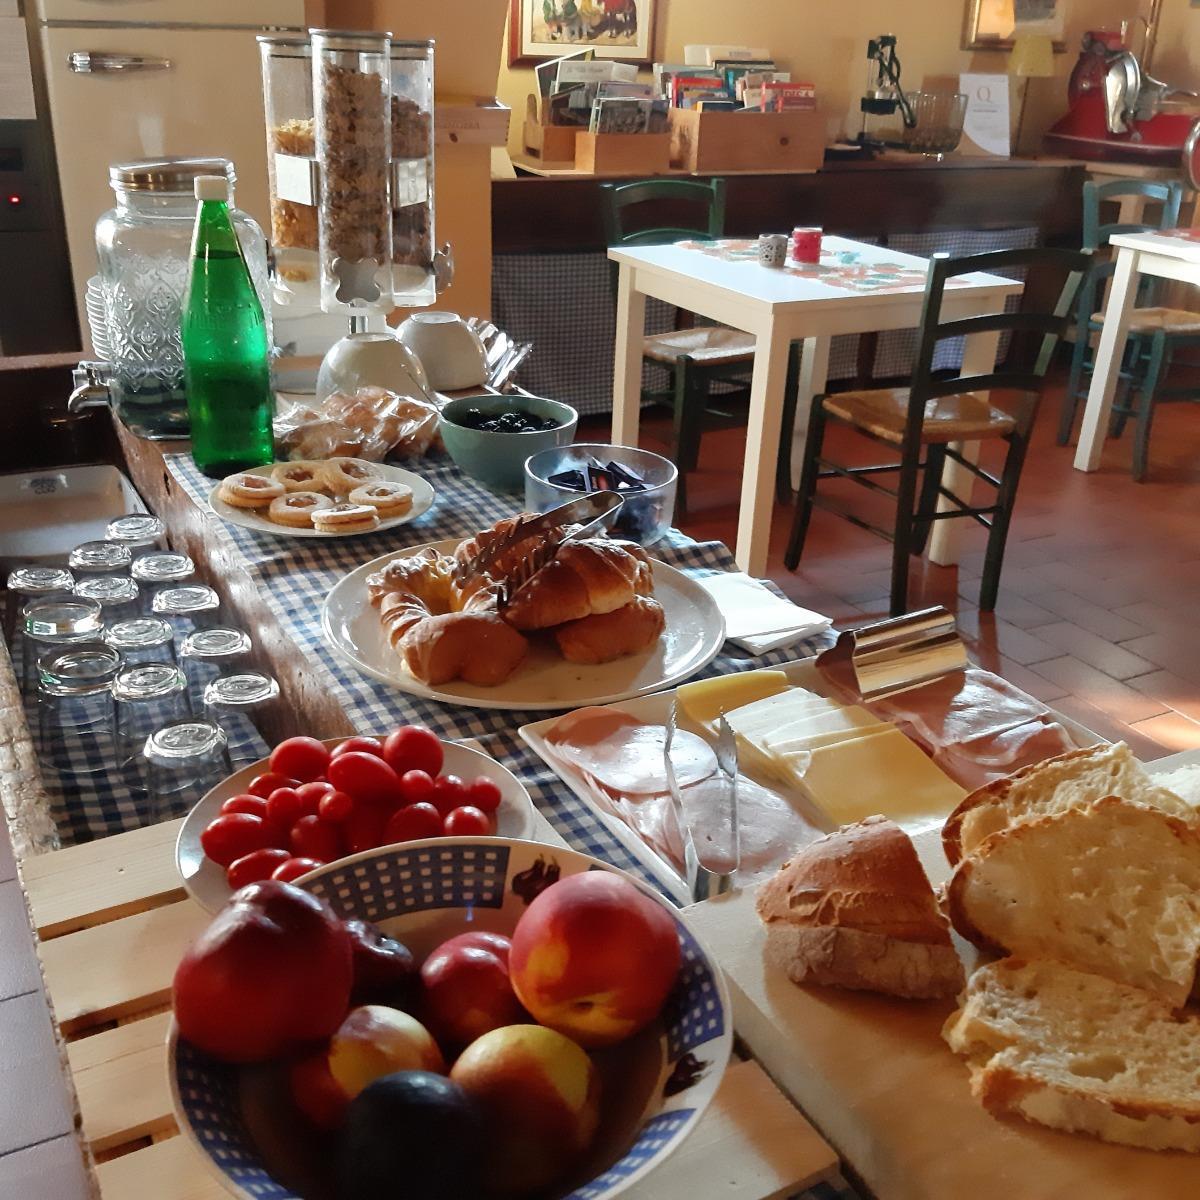 La colazione di LA CORTE DI STELIO